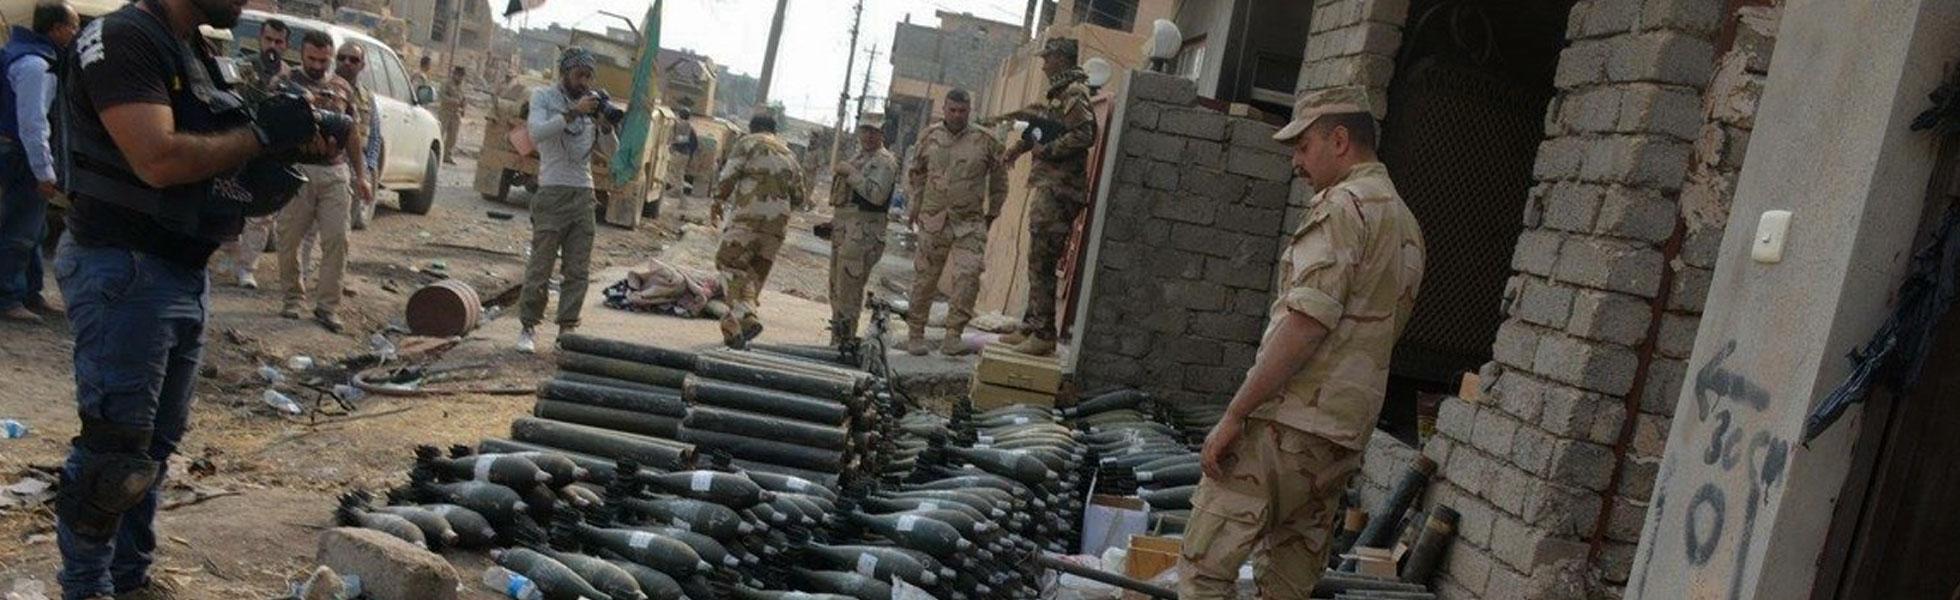 Irak: «Seguimos teniendo miedo»